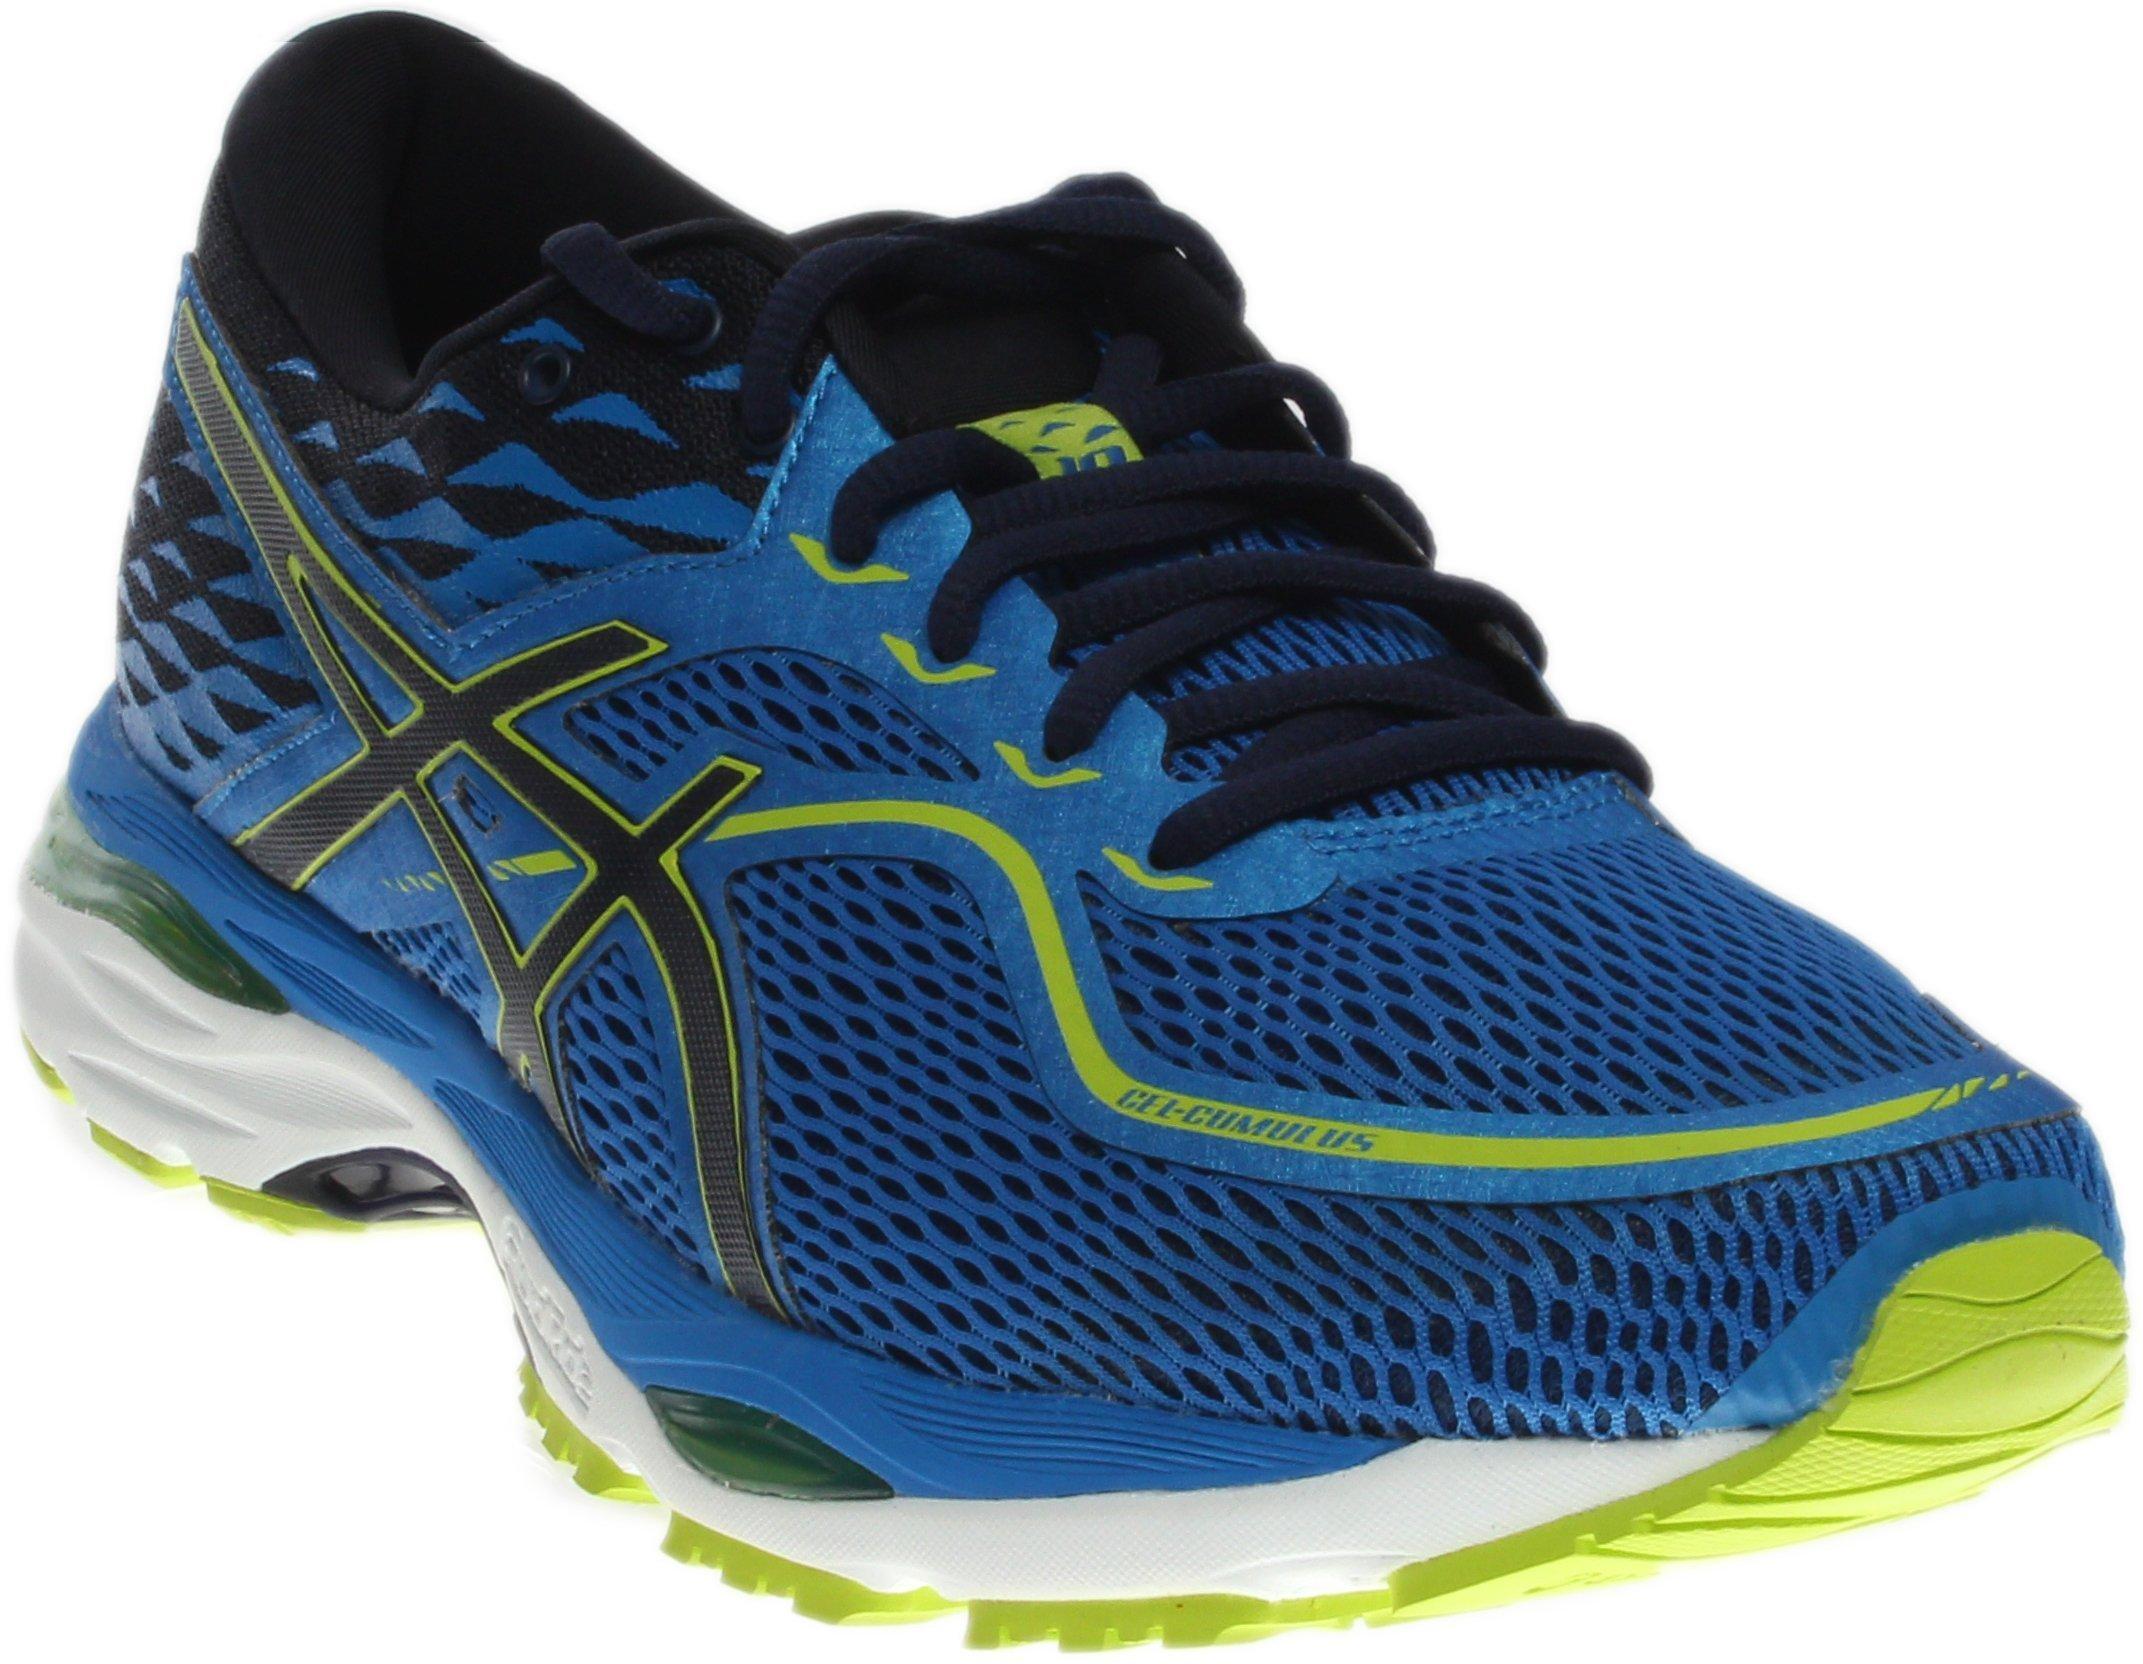 ASICS Men's Gel-Cumulus 19 Running Shoe, Directoire Blue/Peacoat/Energy, 11 Medium US